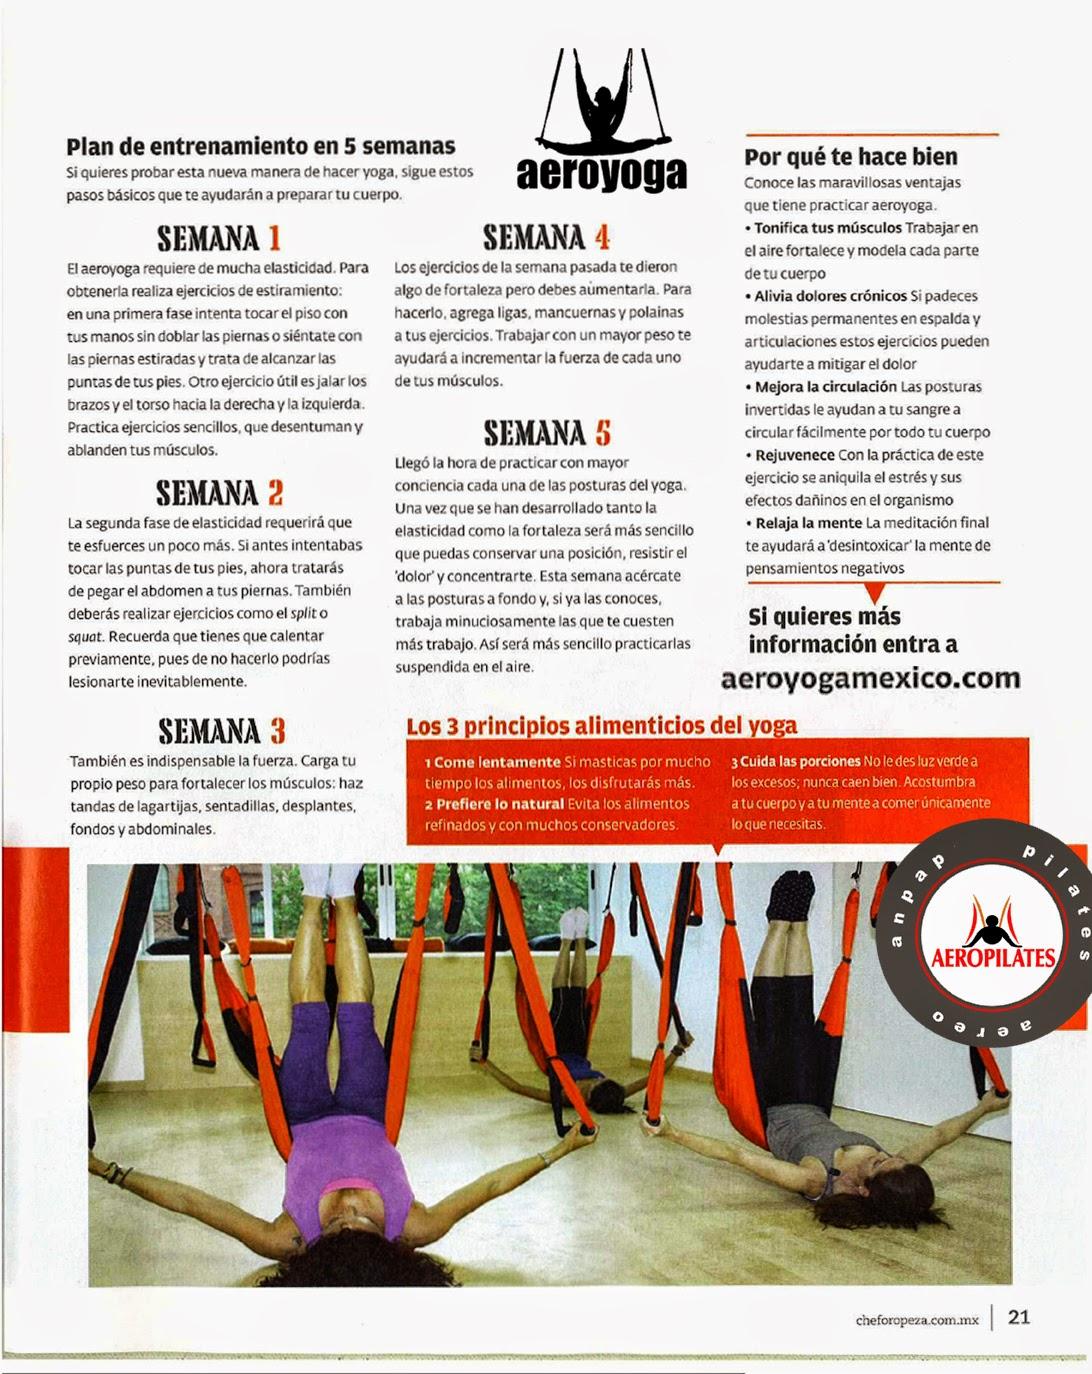 PILATES AEREO, AERO YOGA AEREO PRENSA Y TV, TENDENCIAS, REPORTAJES, ARTICULOS